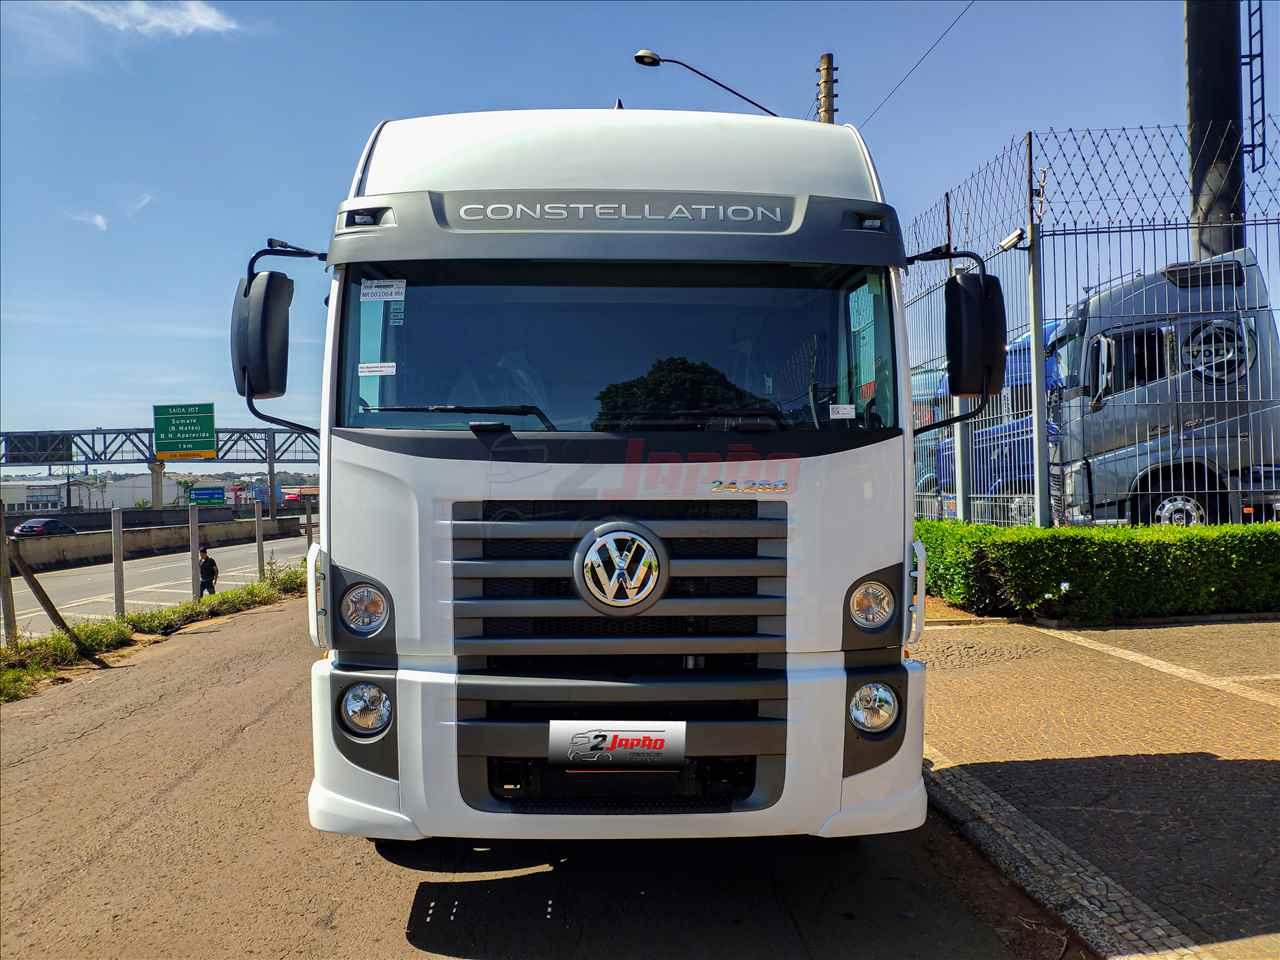 VOLKSWAGEN VW 24280 76km 2021/2022 2 Japão Caminhões e Carretas